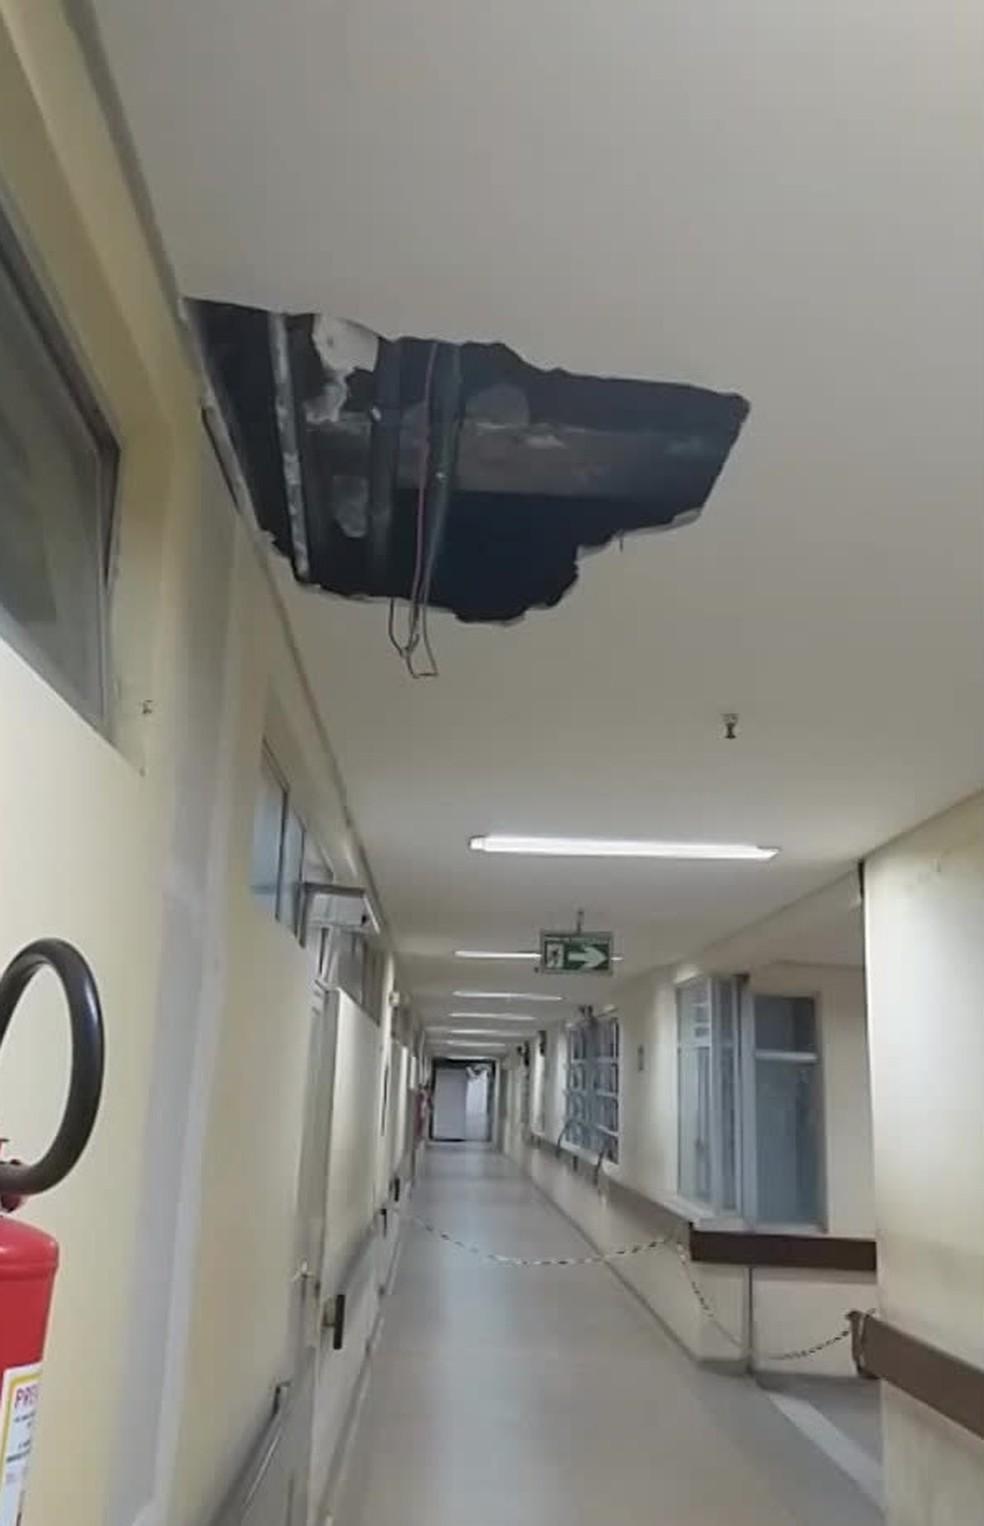 Foto da parte interna do HGV mostram um buraco no teto e faixas impedindo passagem para outras partes do bloco Cirúrgico — Foto: Reprodução/WhatsApp